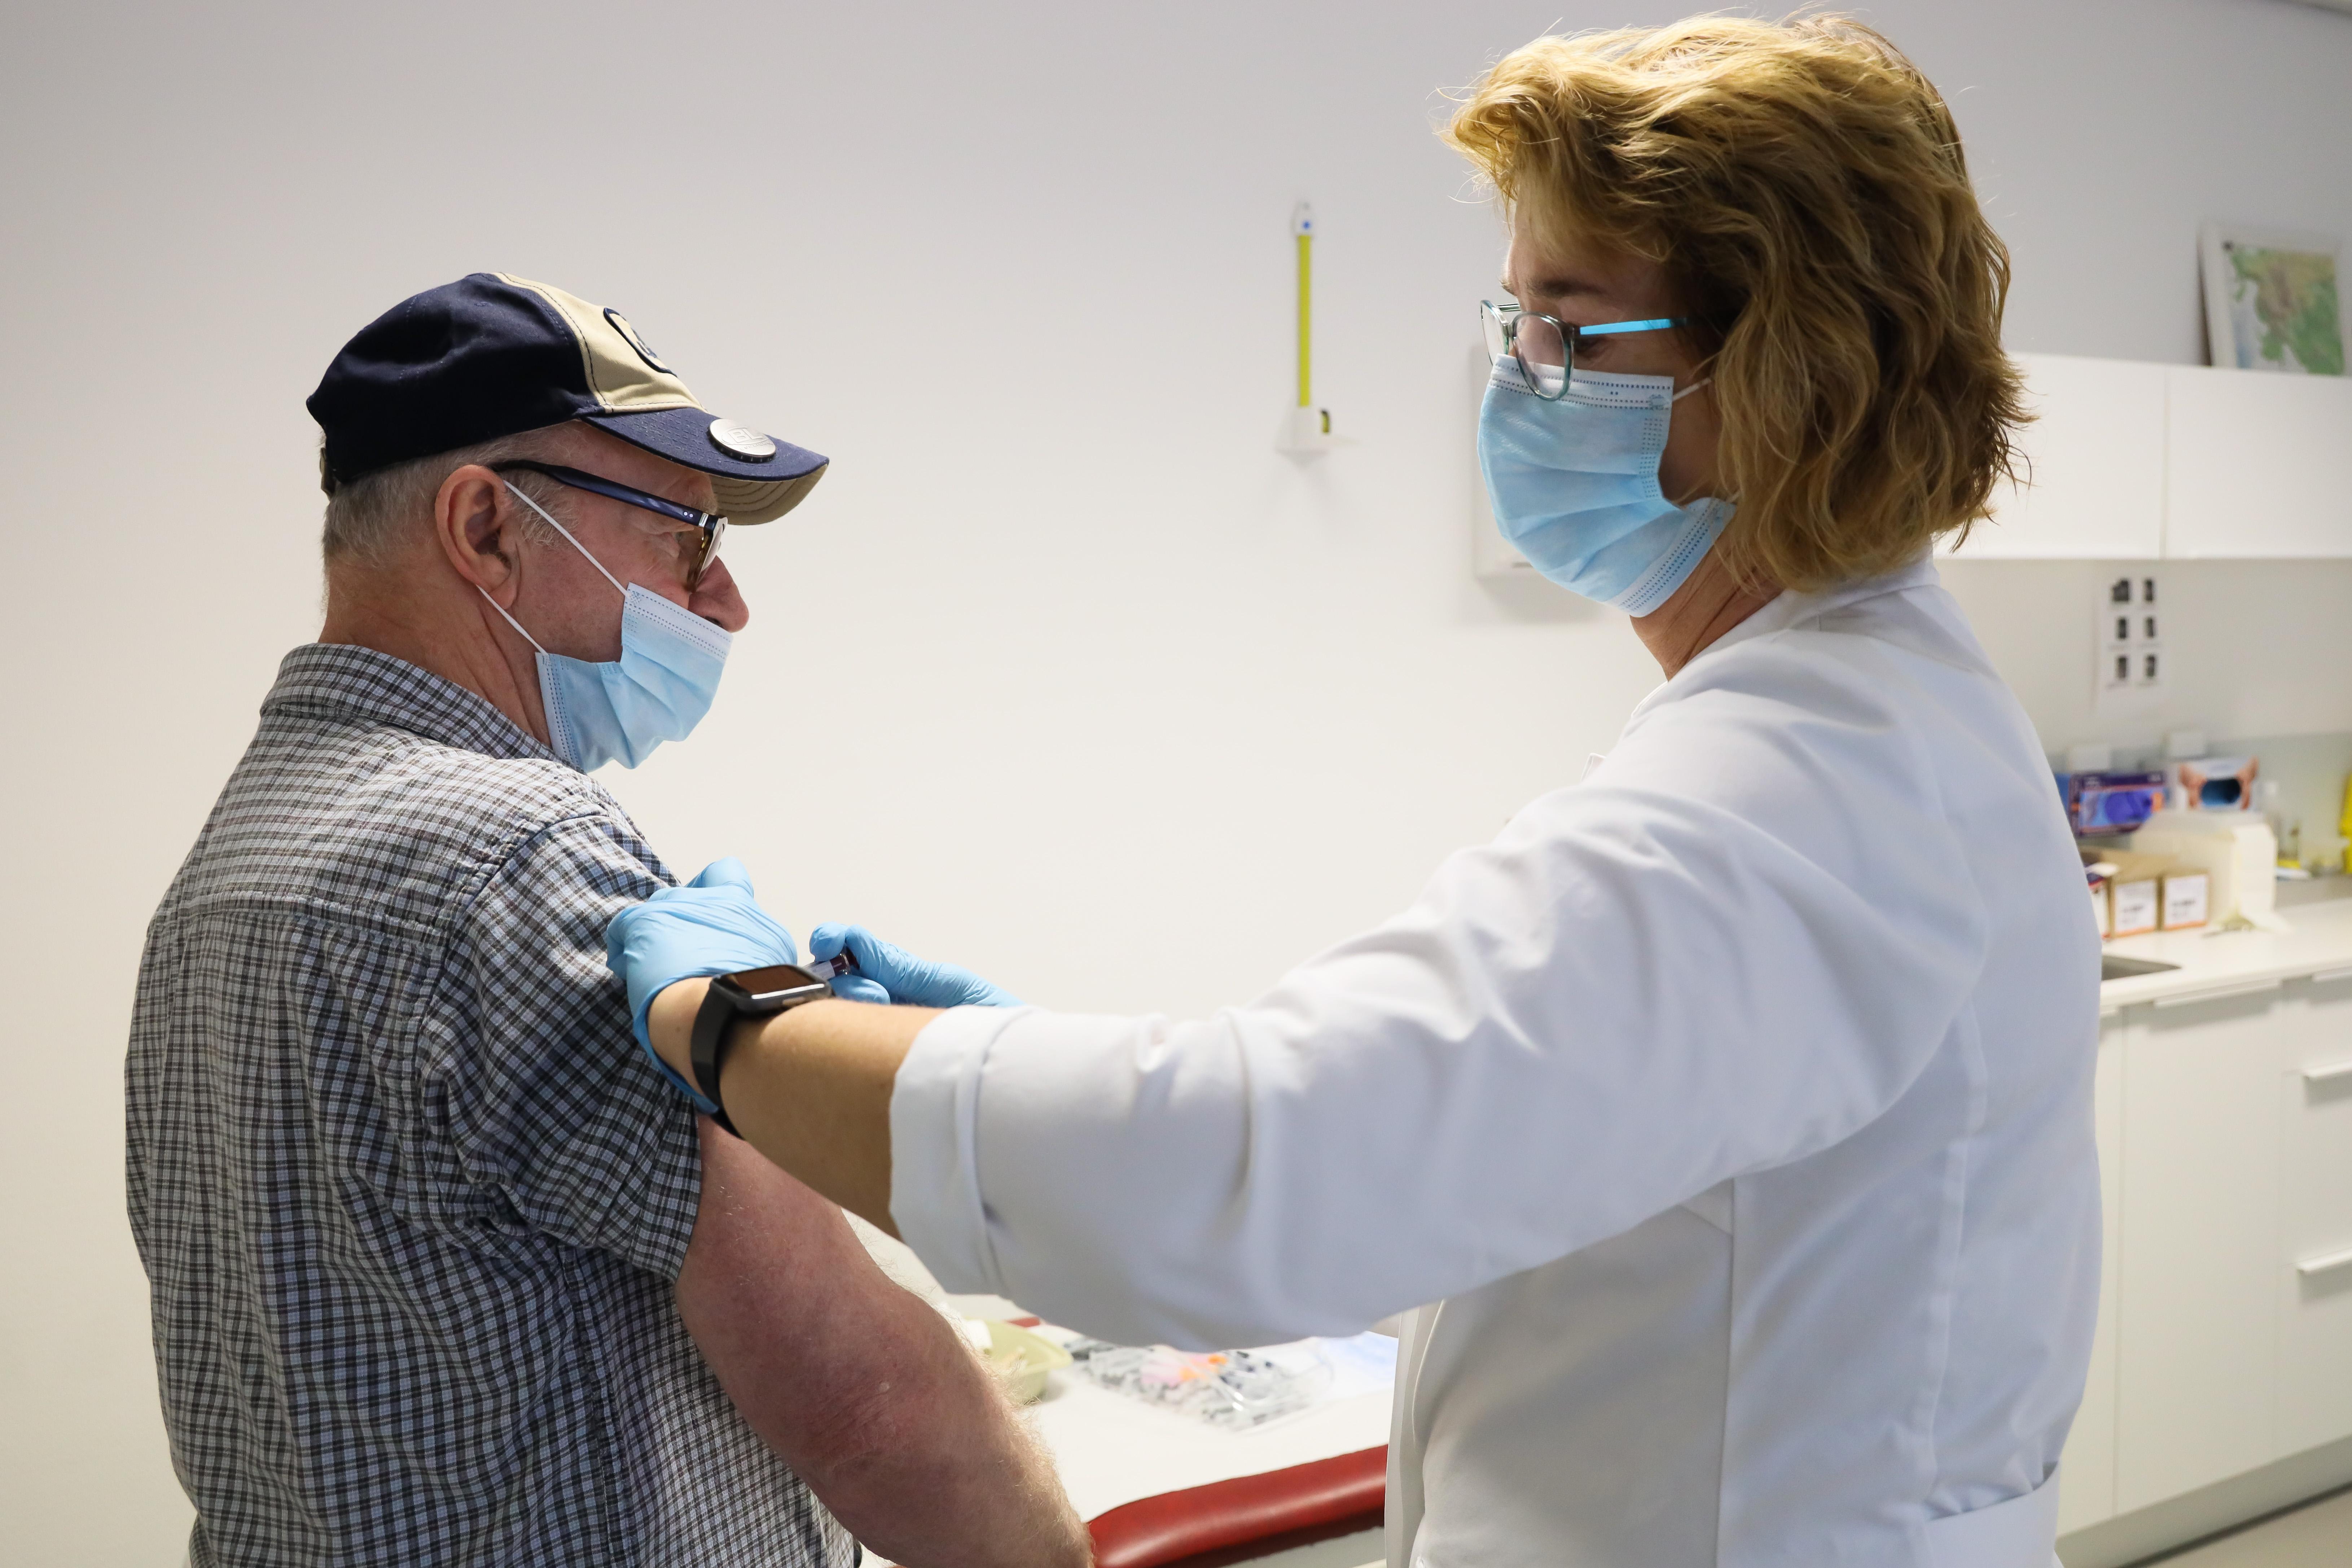 Wachtlijsten griepprik door hoge opkomst: 'Het is patiënten moeilijk uit te leggen dat er tekorten zijn'